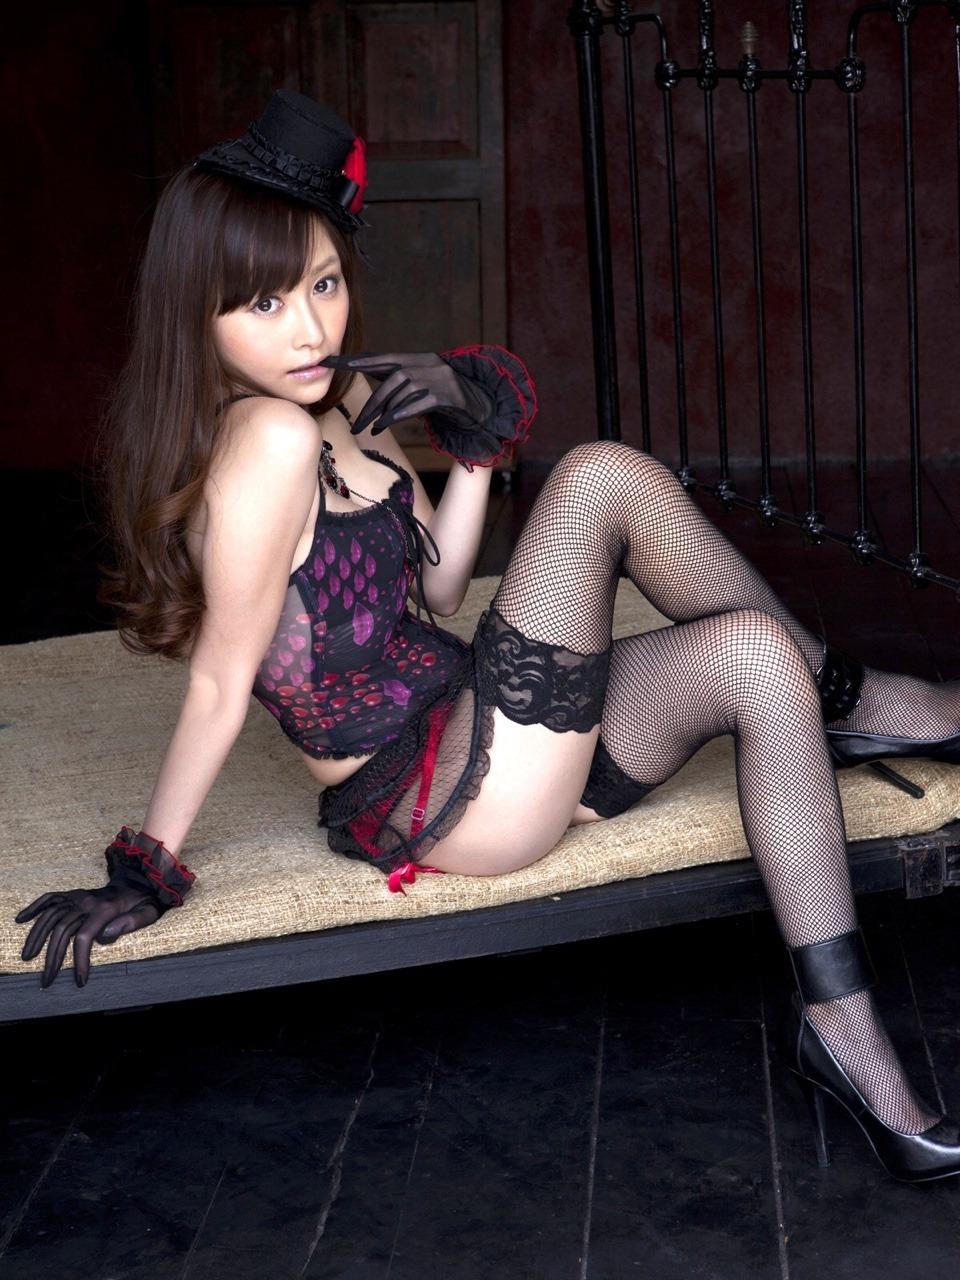 gs_sugiharaanri_006_004.jpg